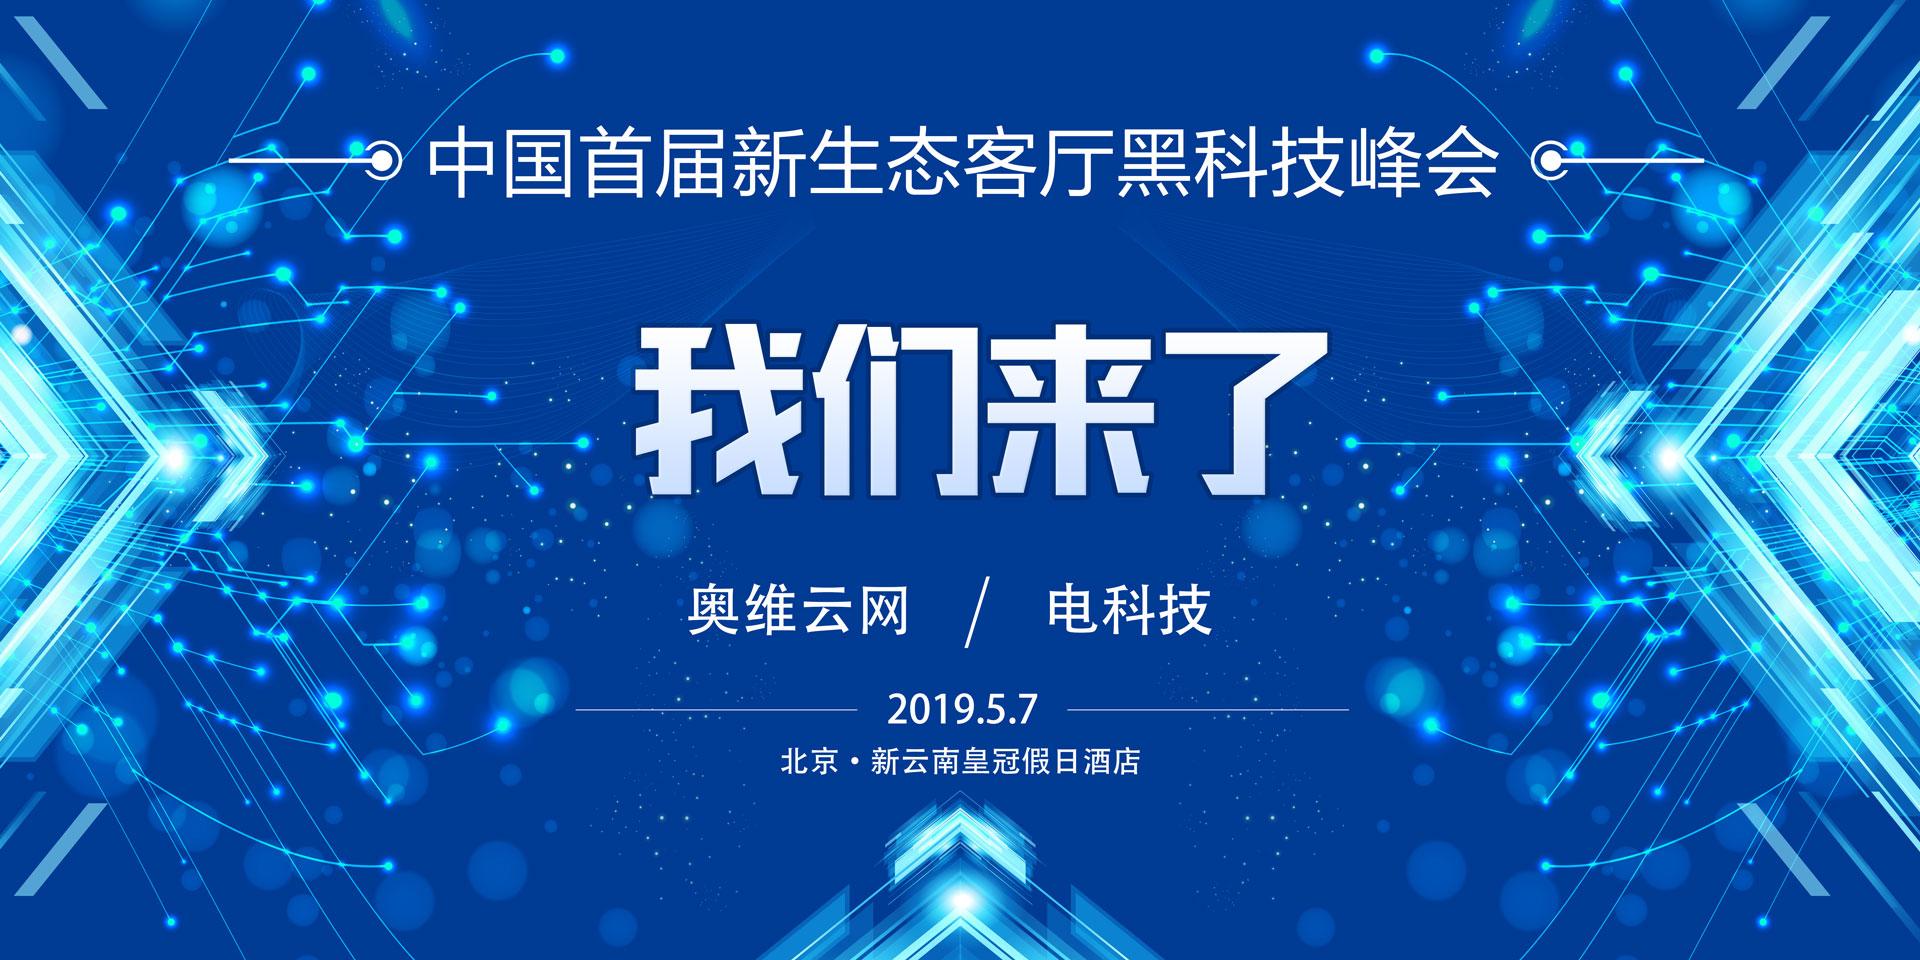 中国首届新生态客厅黑新濠天地在线娱乐平台峰会,我们来了